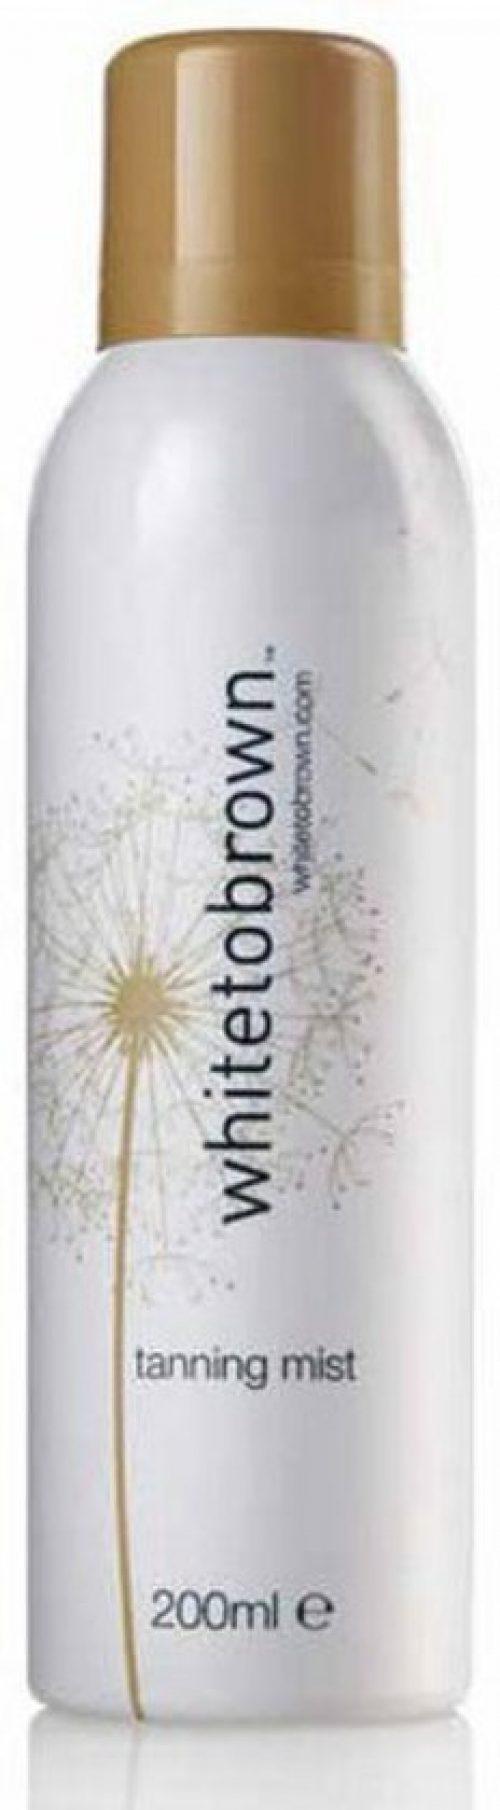 Whitetobrown Spray Tanning Mist - 200 ml - Zelfbruiner